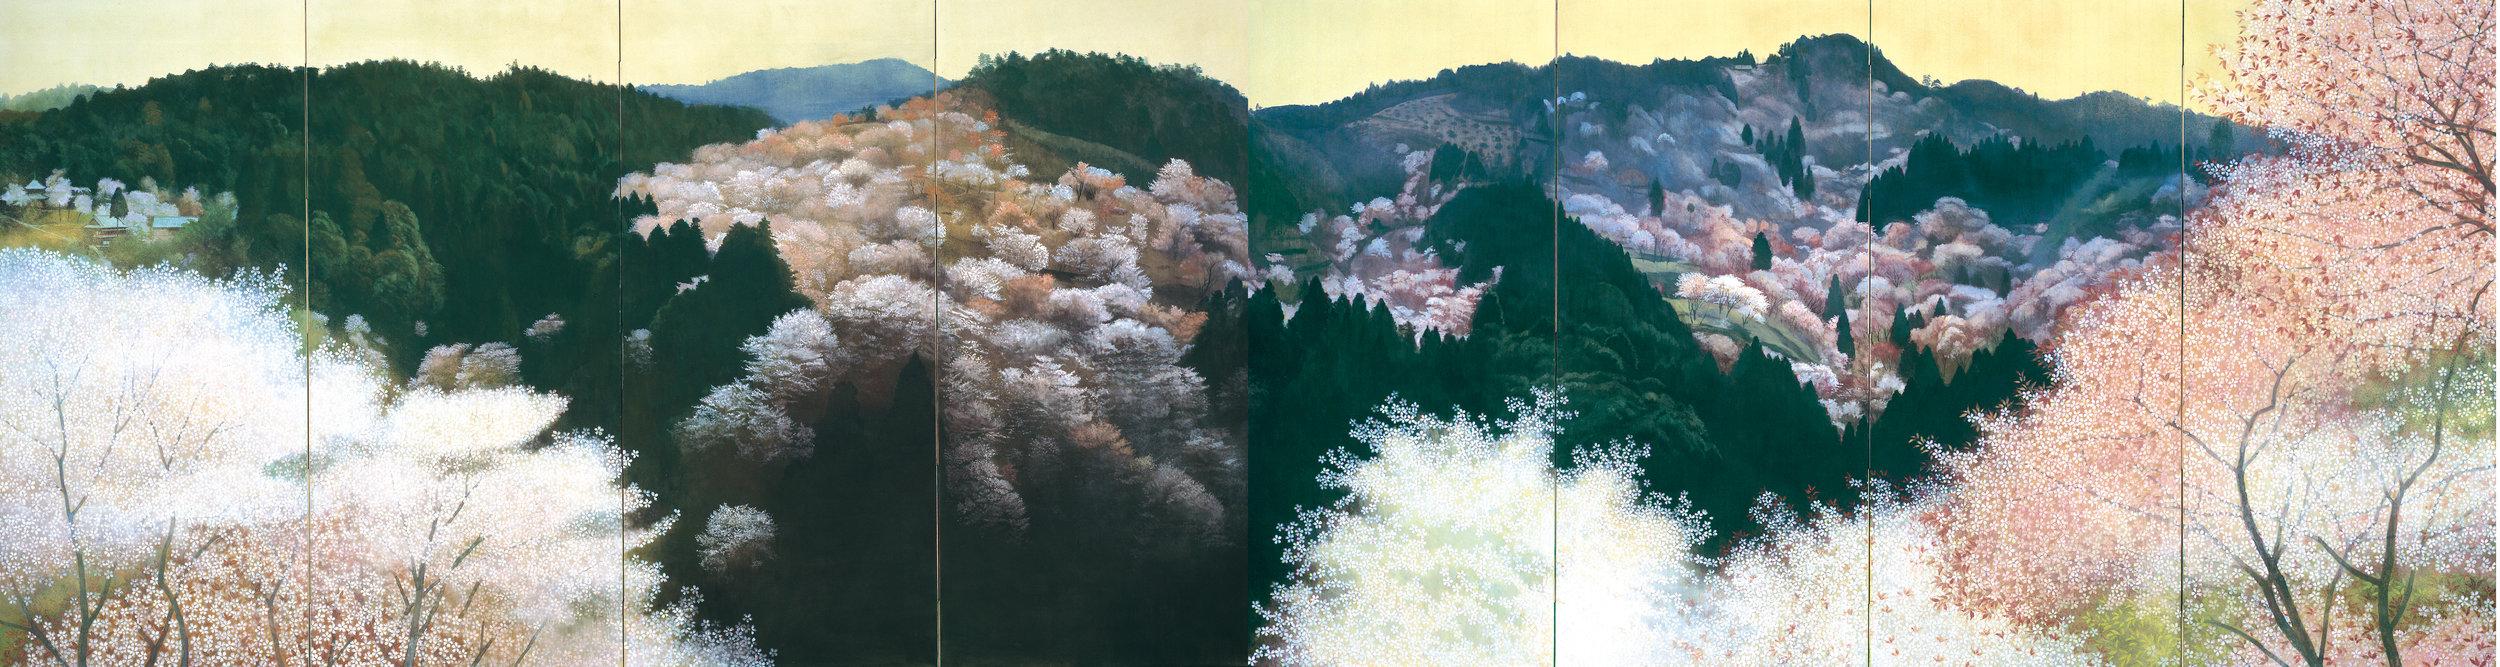 水谷興志《吉野にて》改RGB.jpg